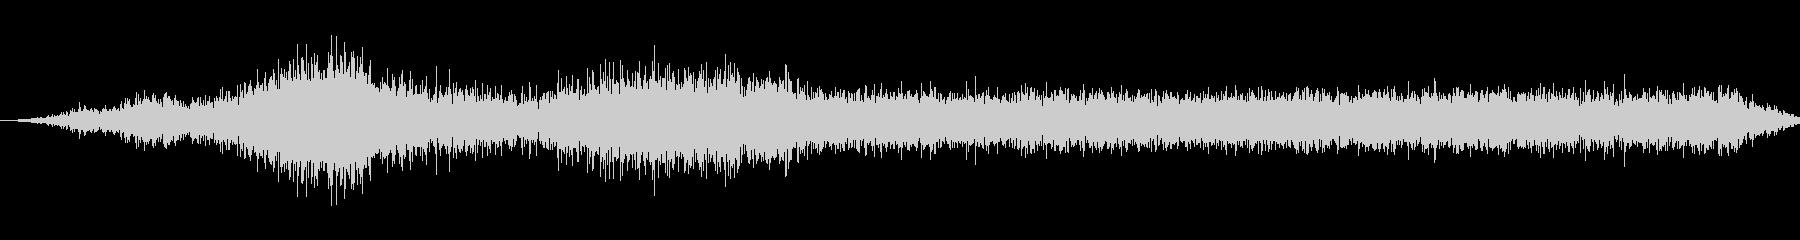 小型ポータブルラジオ:デッドエアの未再生の波形